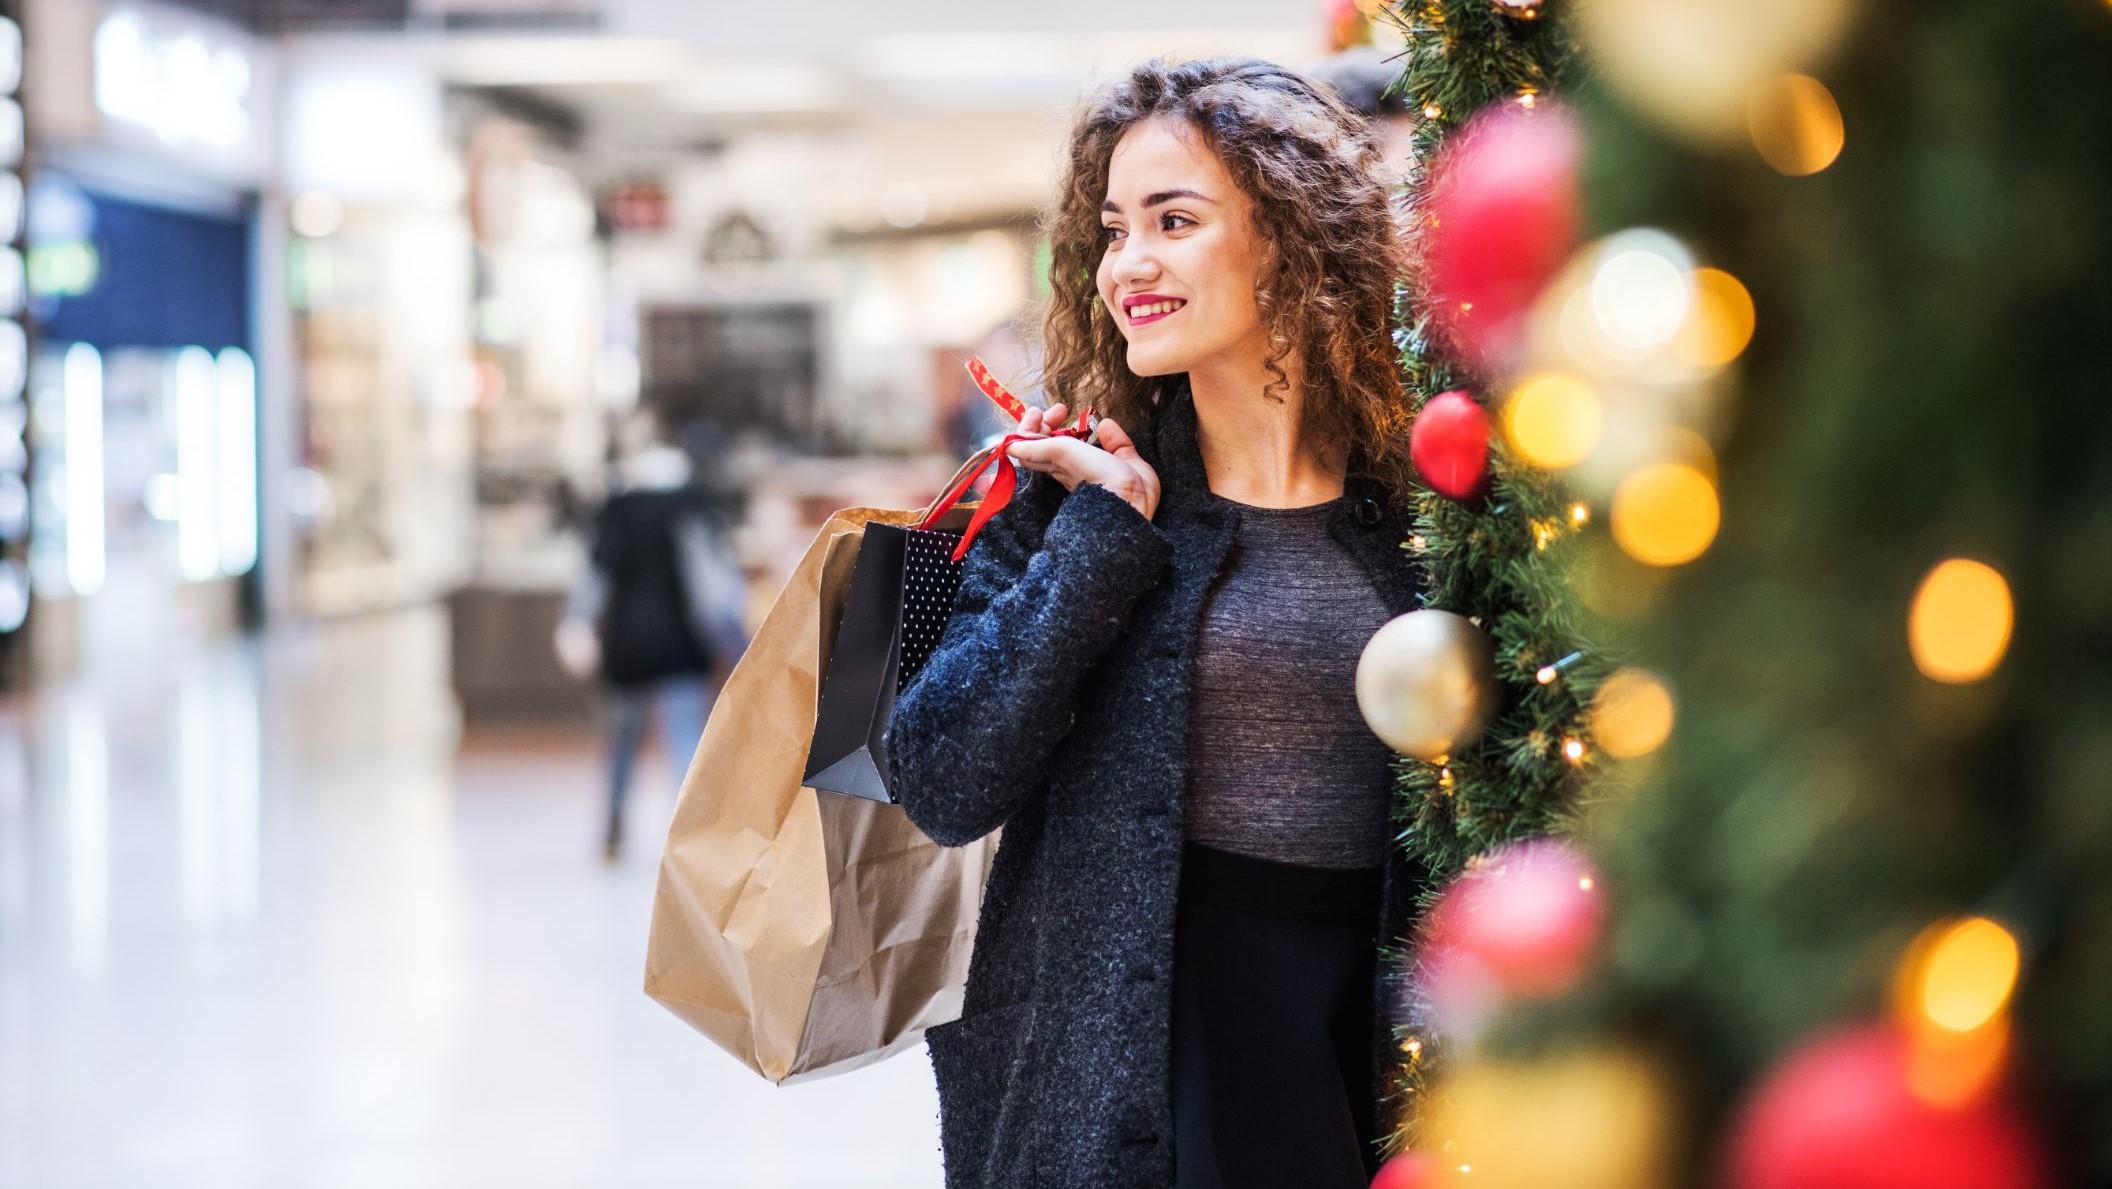 uśmiechająca się kobieta z zakupami